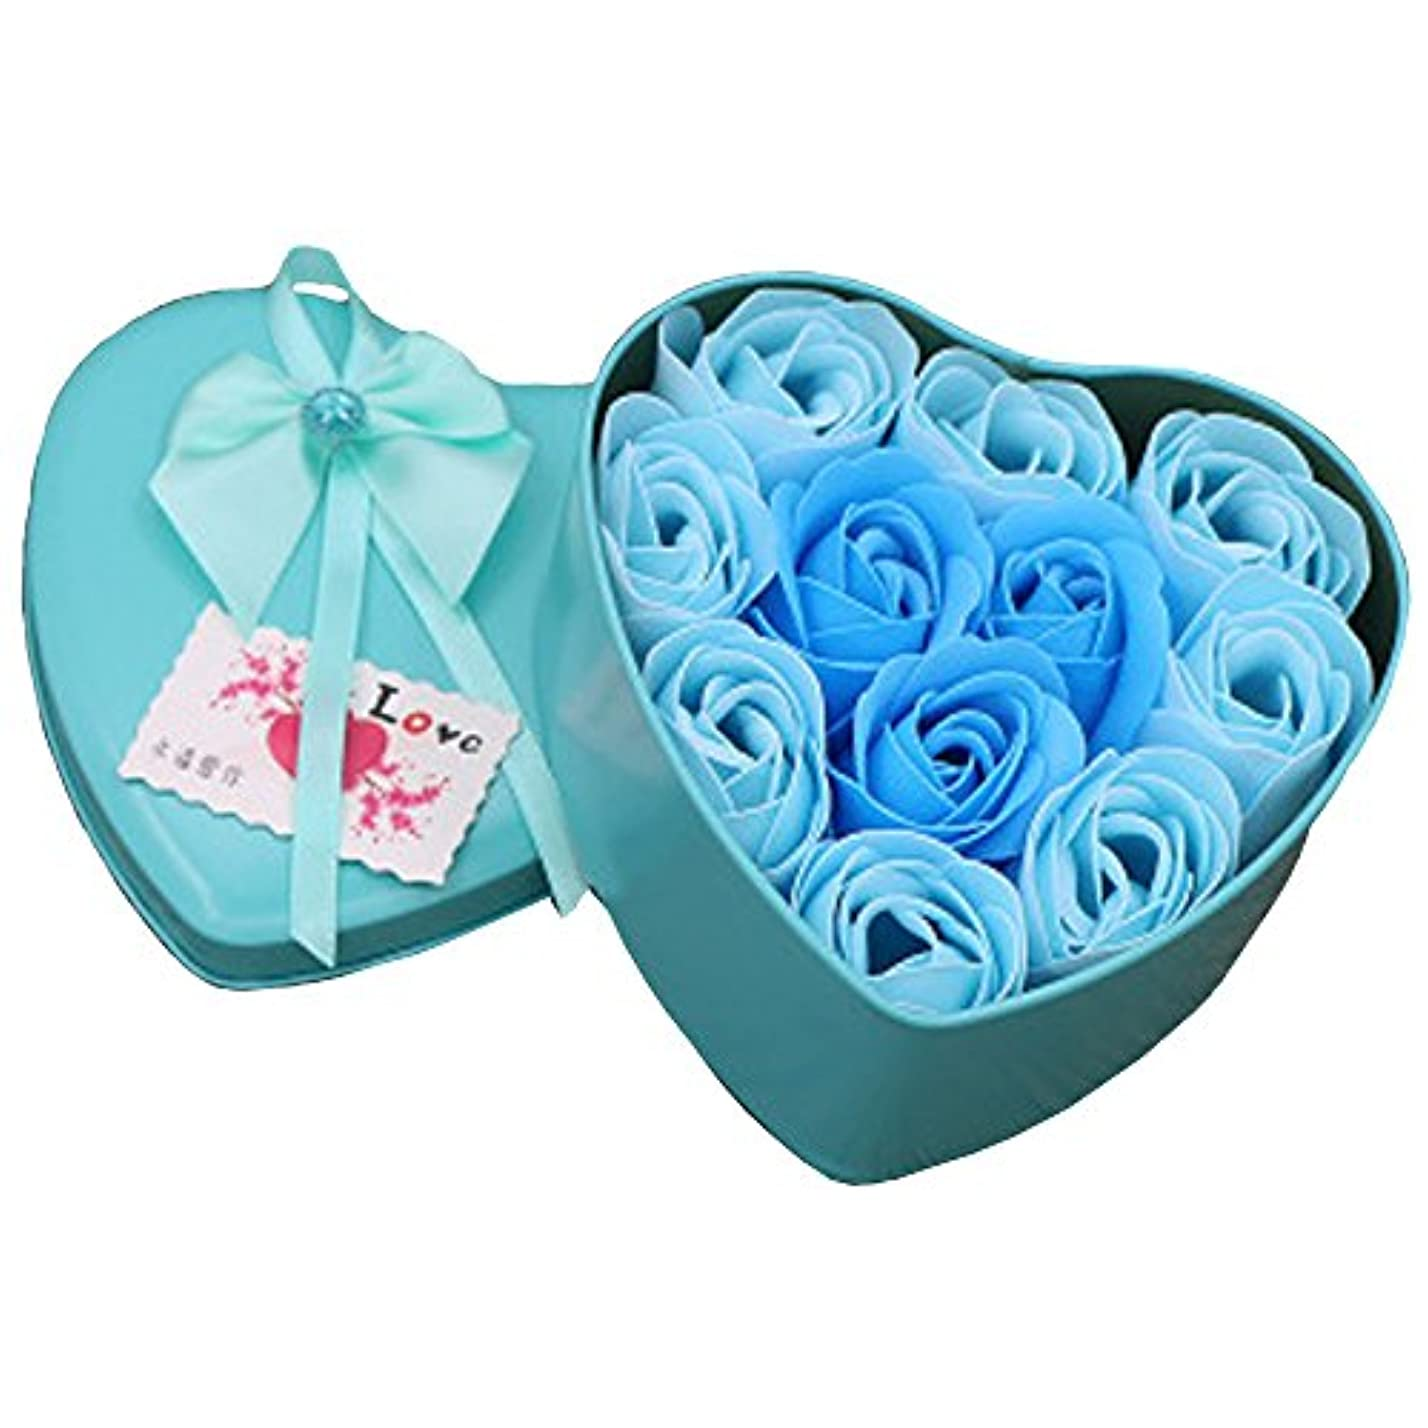 ドリル意味のある大きさiCoole ソープフラワー 石鹸花 ハードフラワー形状 ギフトボックス入り 母の日 バレンタインデー お誕生日 ギフト